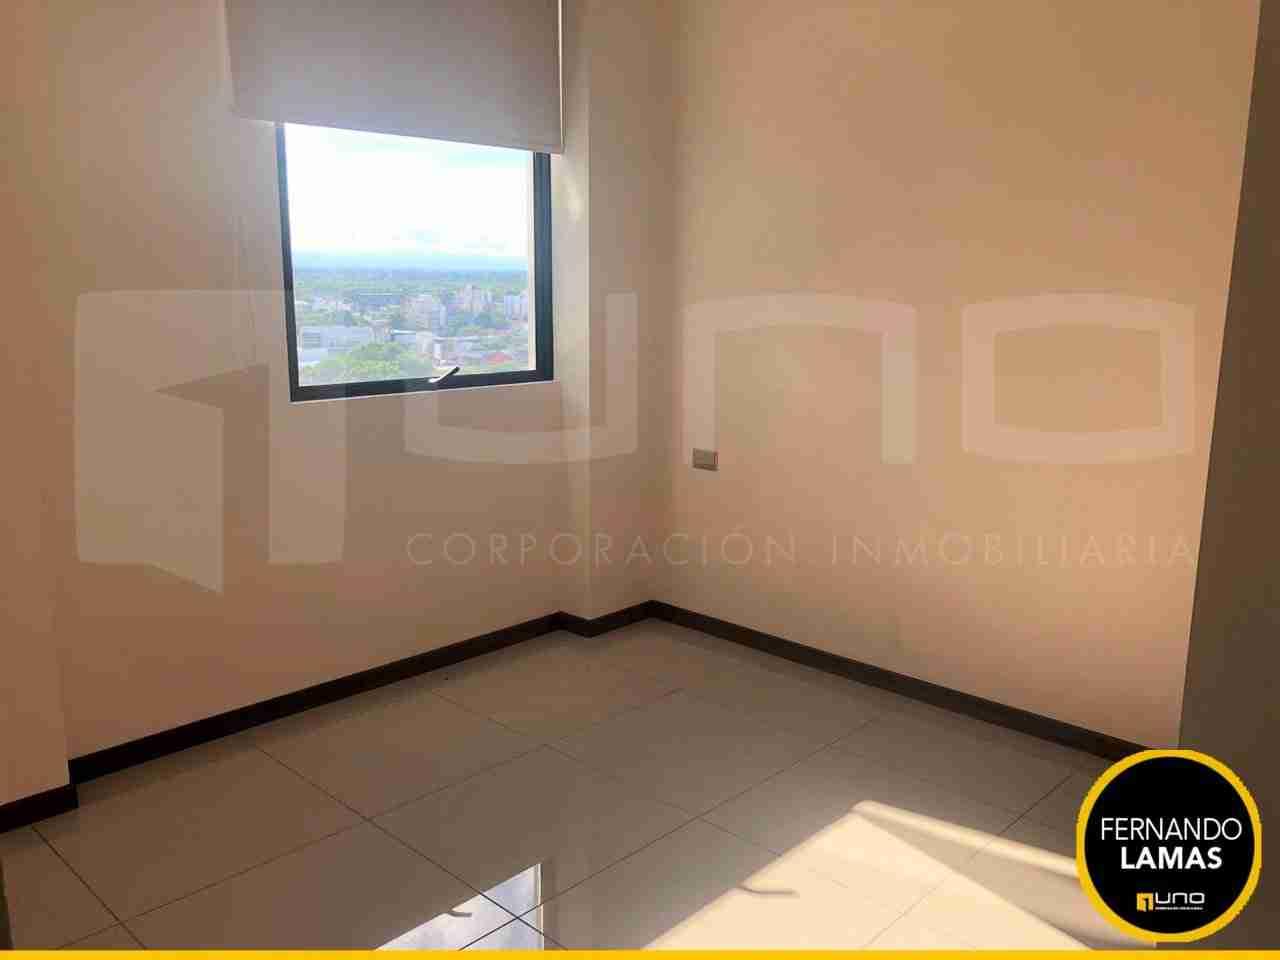 Departamento de 3 Dormitorios en Alquiler, Edificio Macororo 11, Zona Equipetrol, Santa Cruz, Bolivia (7)